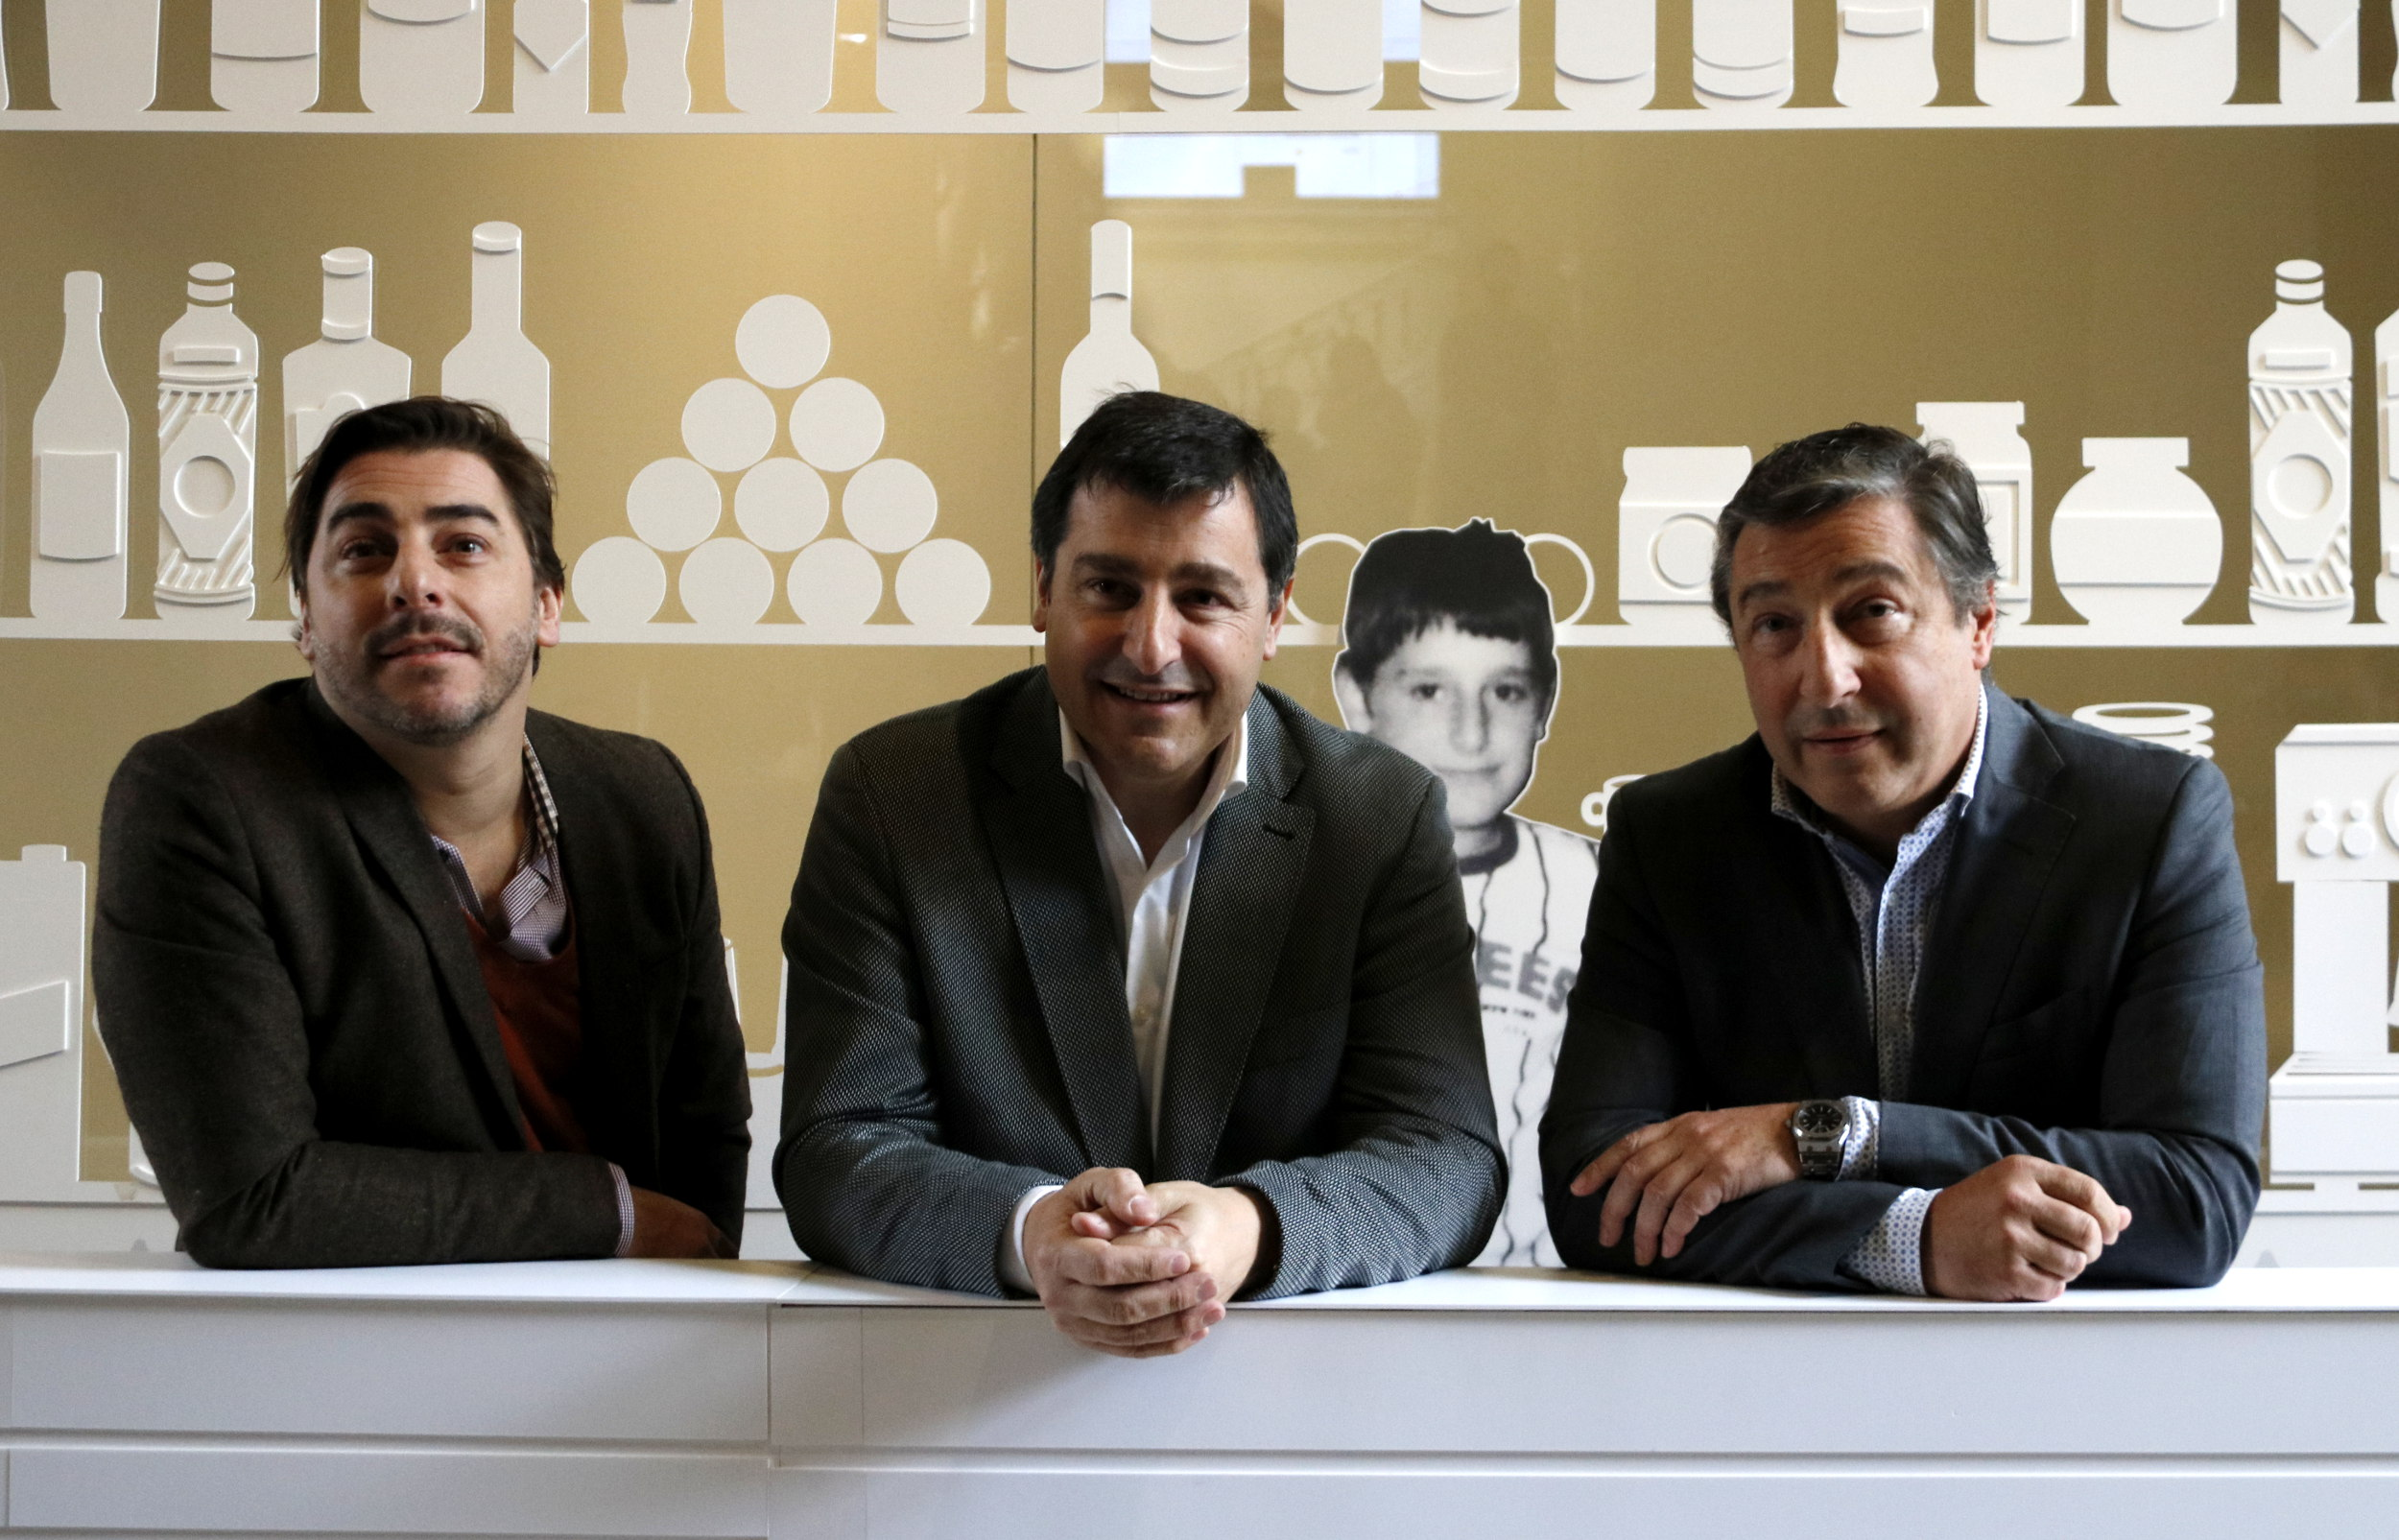 Els tres germans Roca recolzats a la barra d'una recreació del bar familiar, a l'exposició que els hi dedica el Palau Robert | ACN